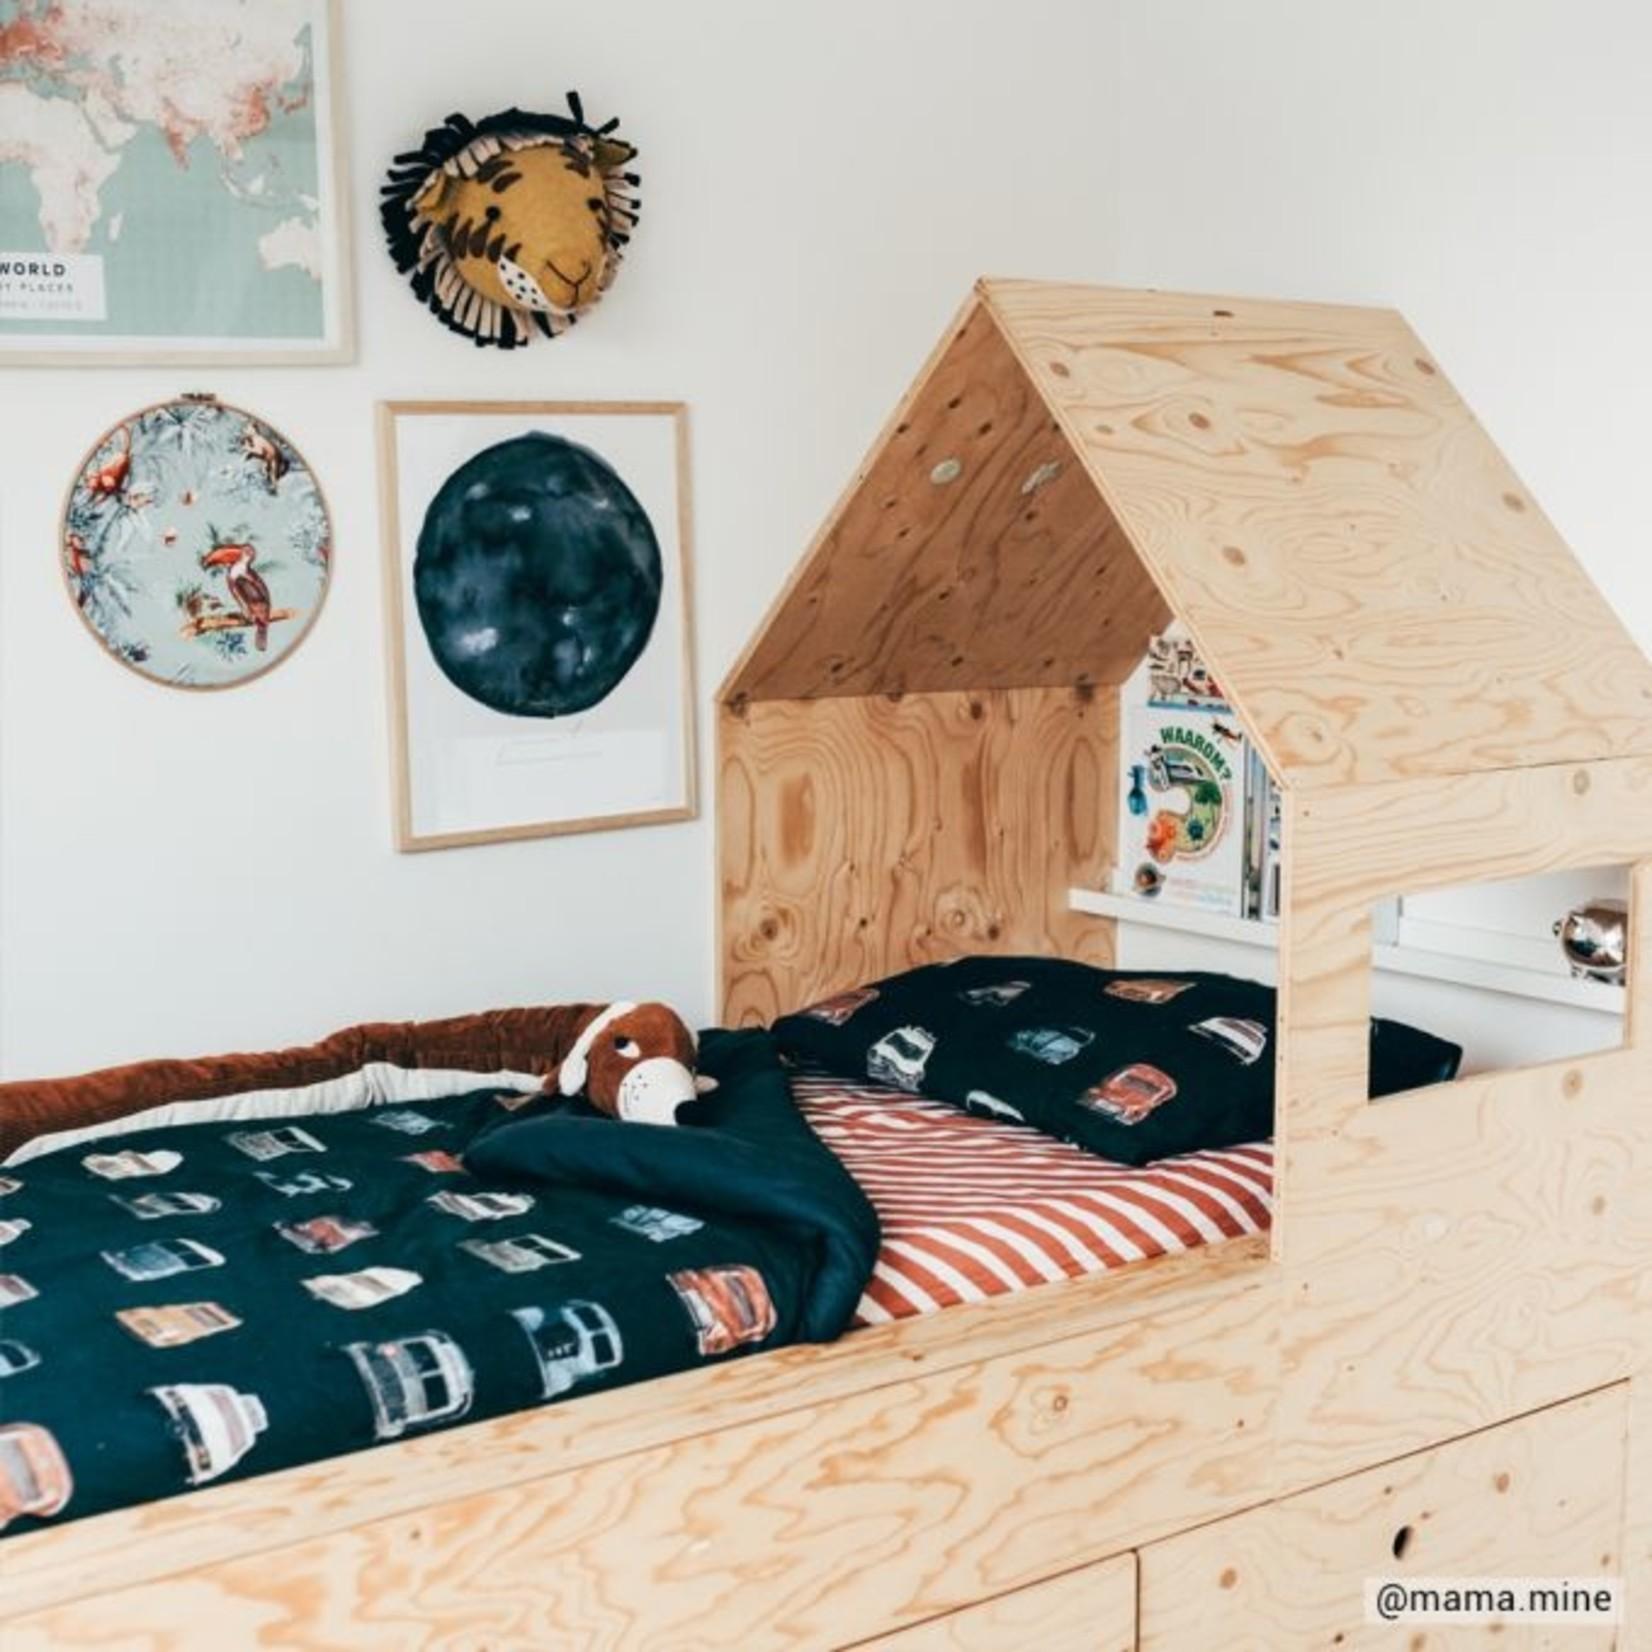 Studio Ditte Studio Ditte Hoeslaken 1-persoons Strepen Roestbruin